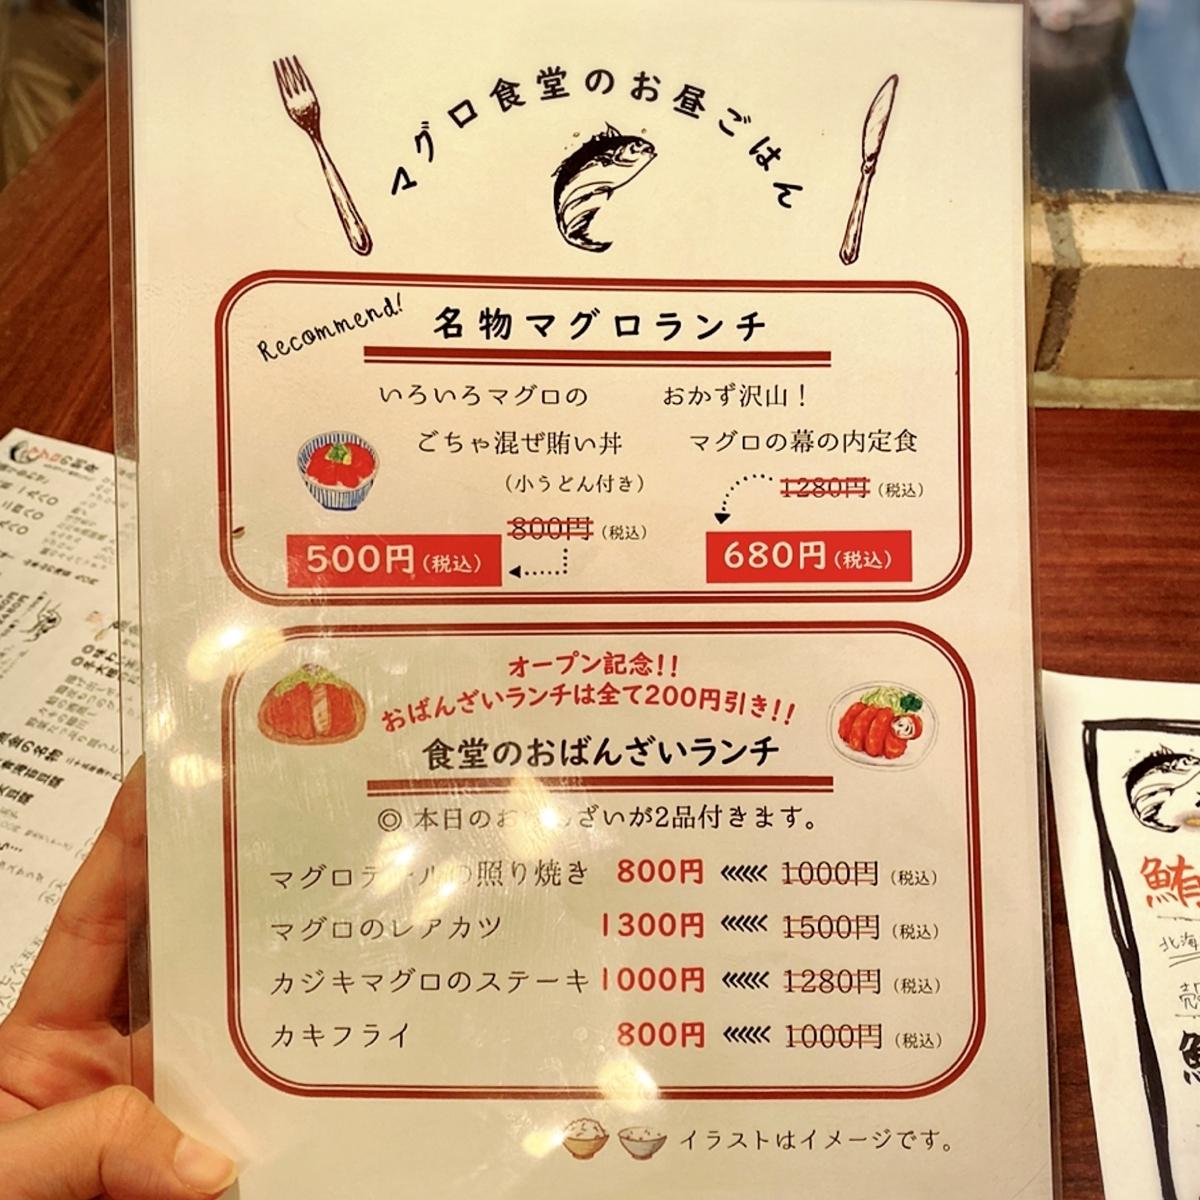 「魚金マグロ食堂 吉祥寺店」のメニューと値段1